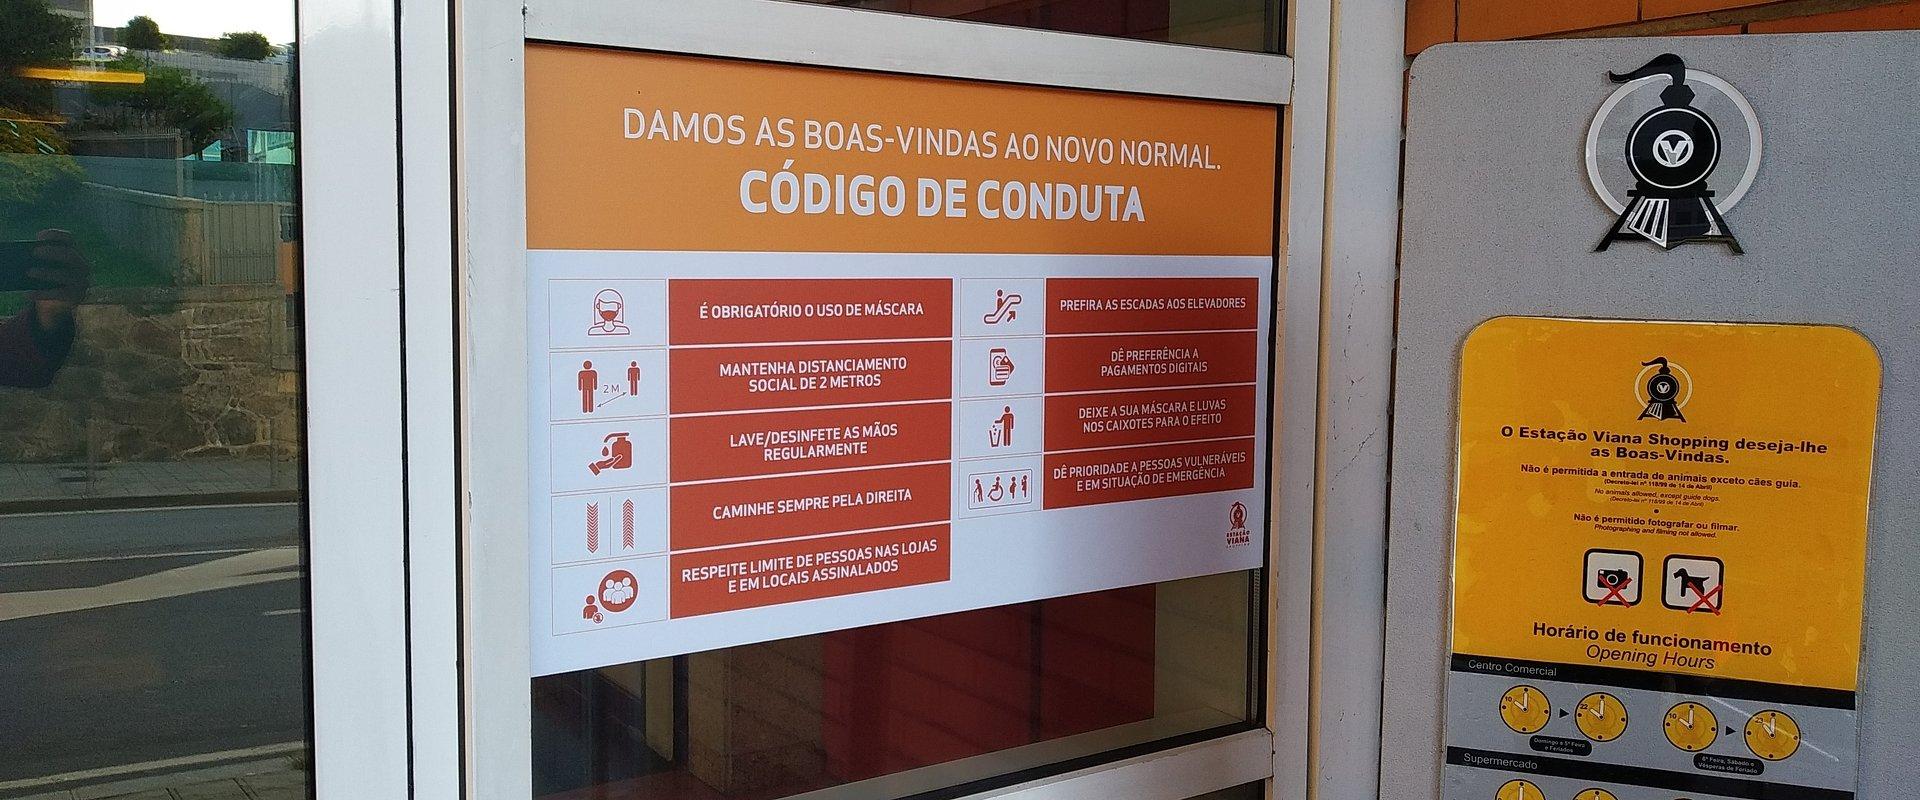 Estação Viana Shopping renova selo de higiene e segurança com certificação SGS